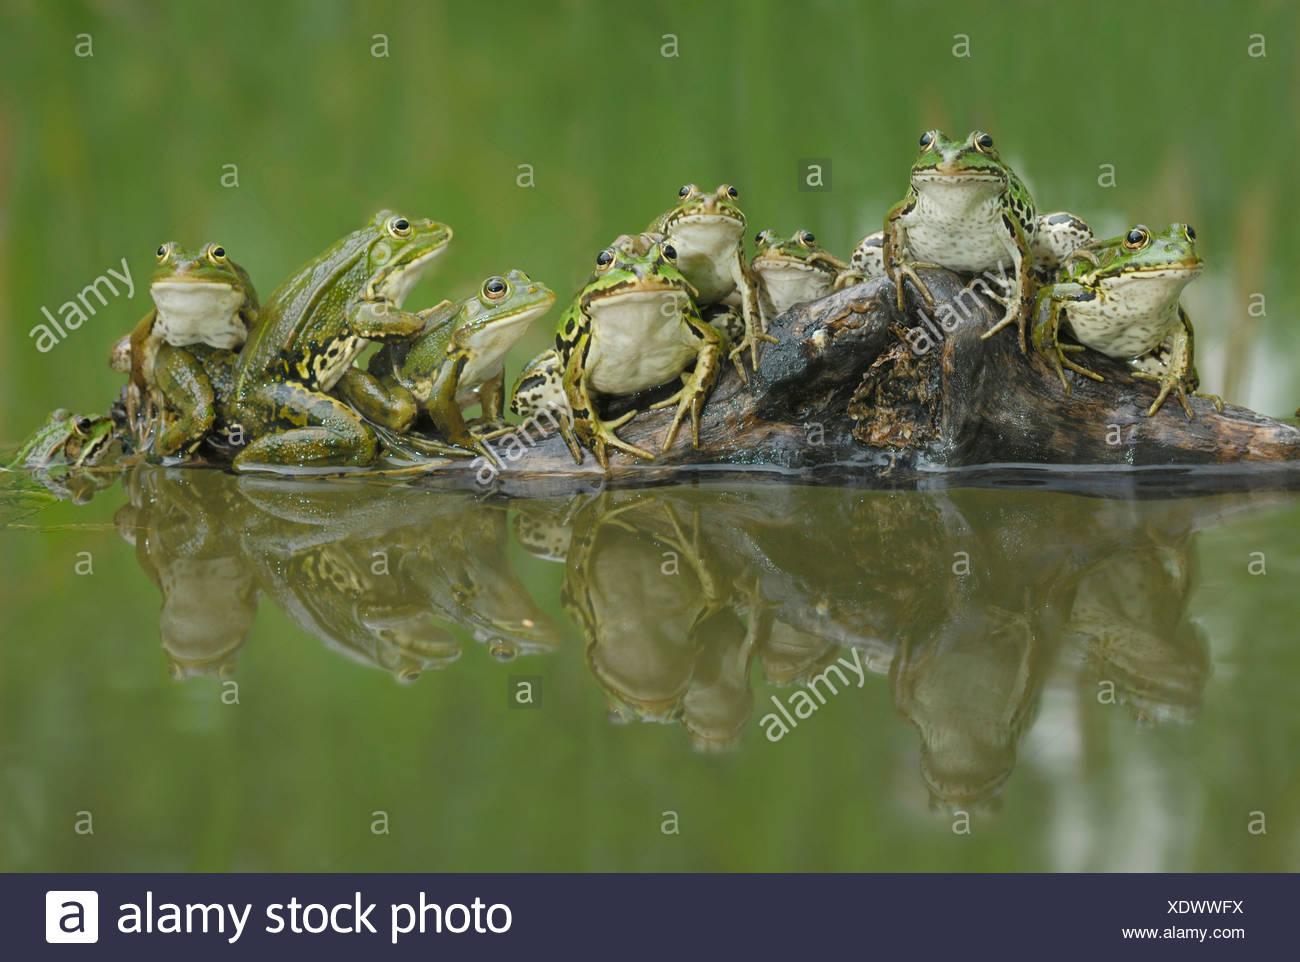 Eine Gruppe von essbaren Frösche (Rana Esculenta) mit Reflexion in einem pool Stockbild